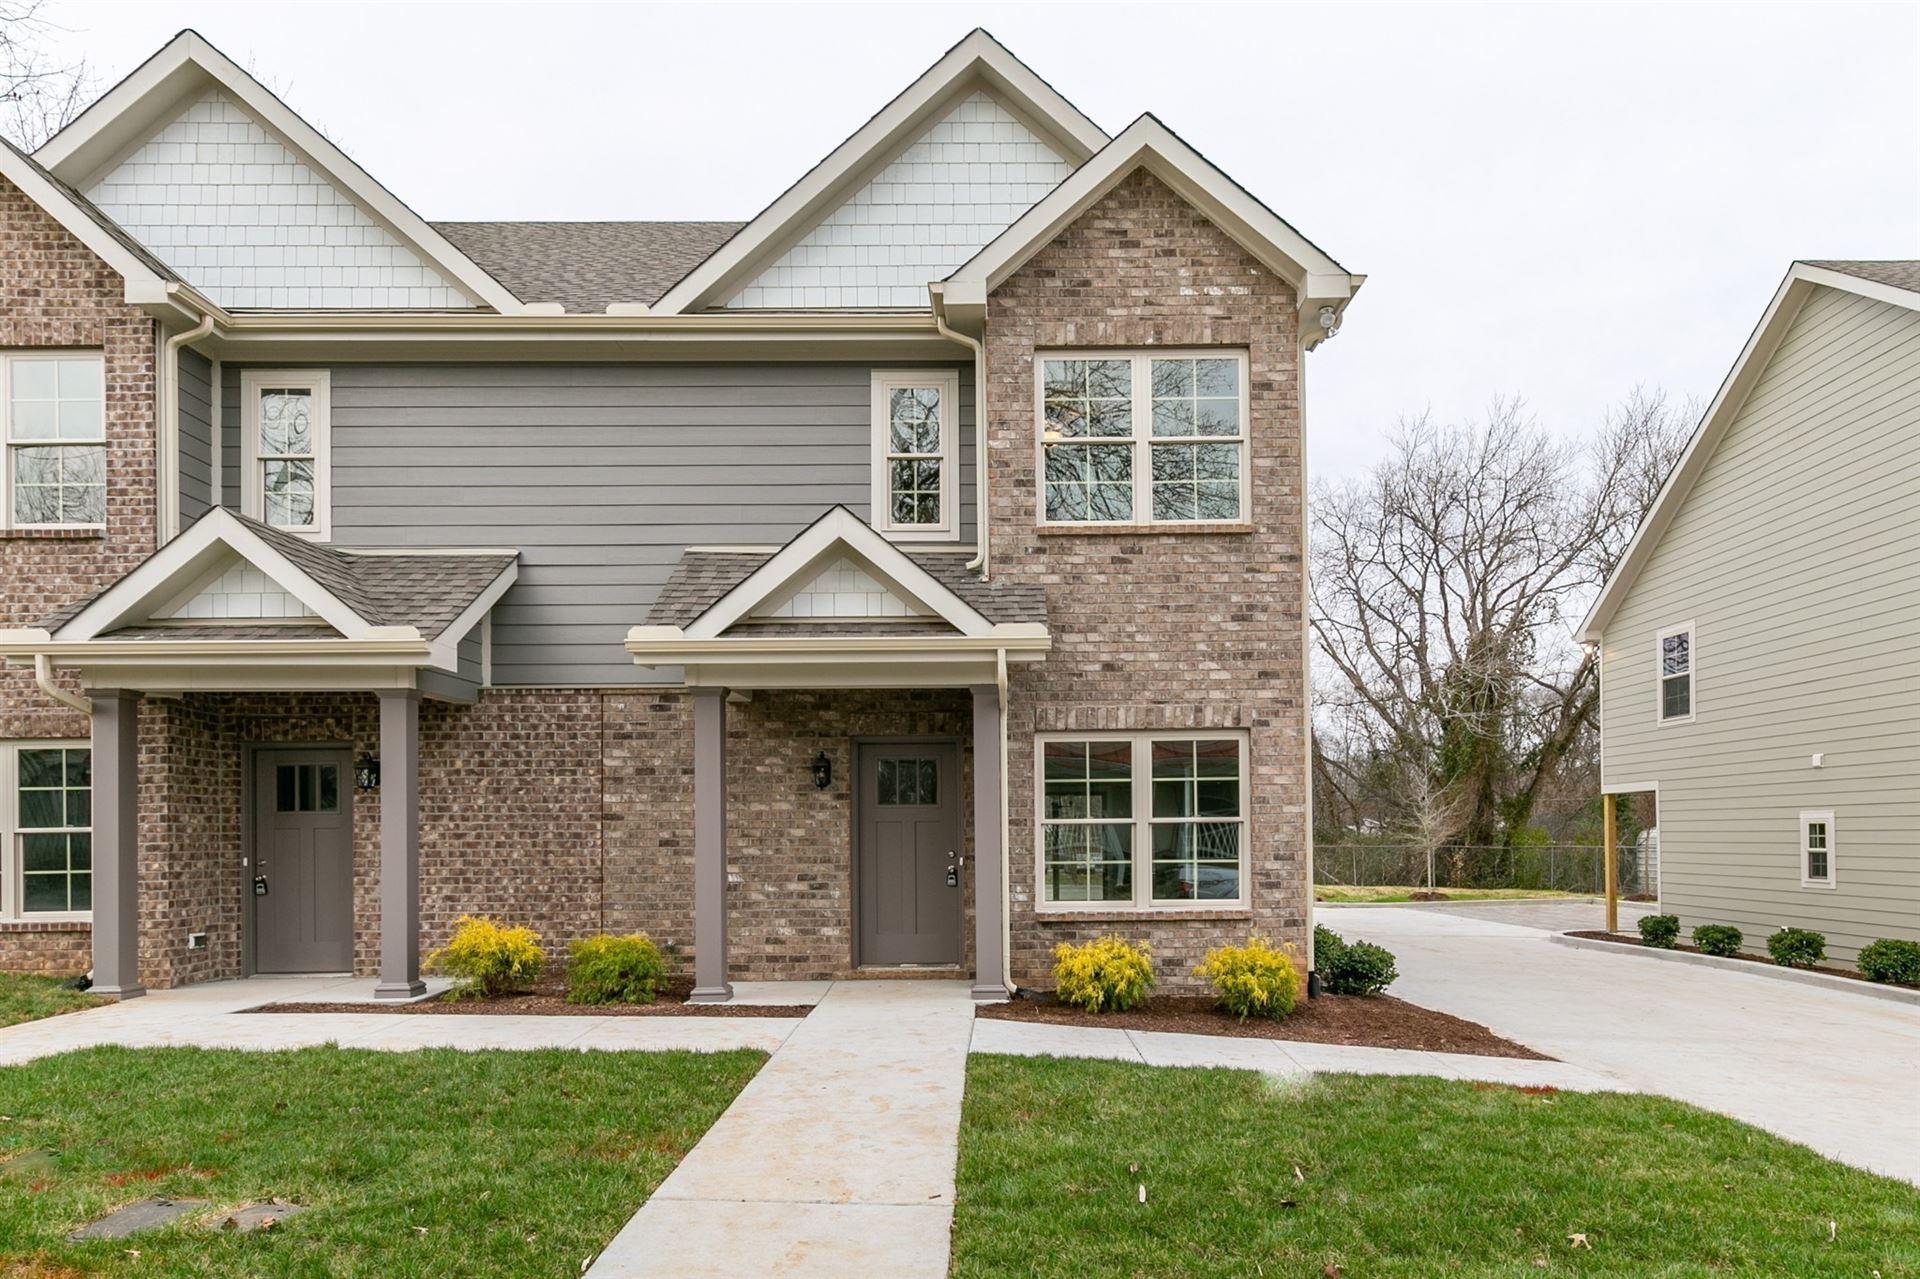 507 E Castle St, Murfreesboro, TN 37130 - MLS#: 2193876